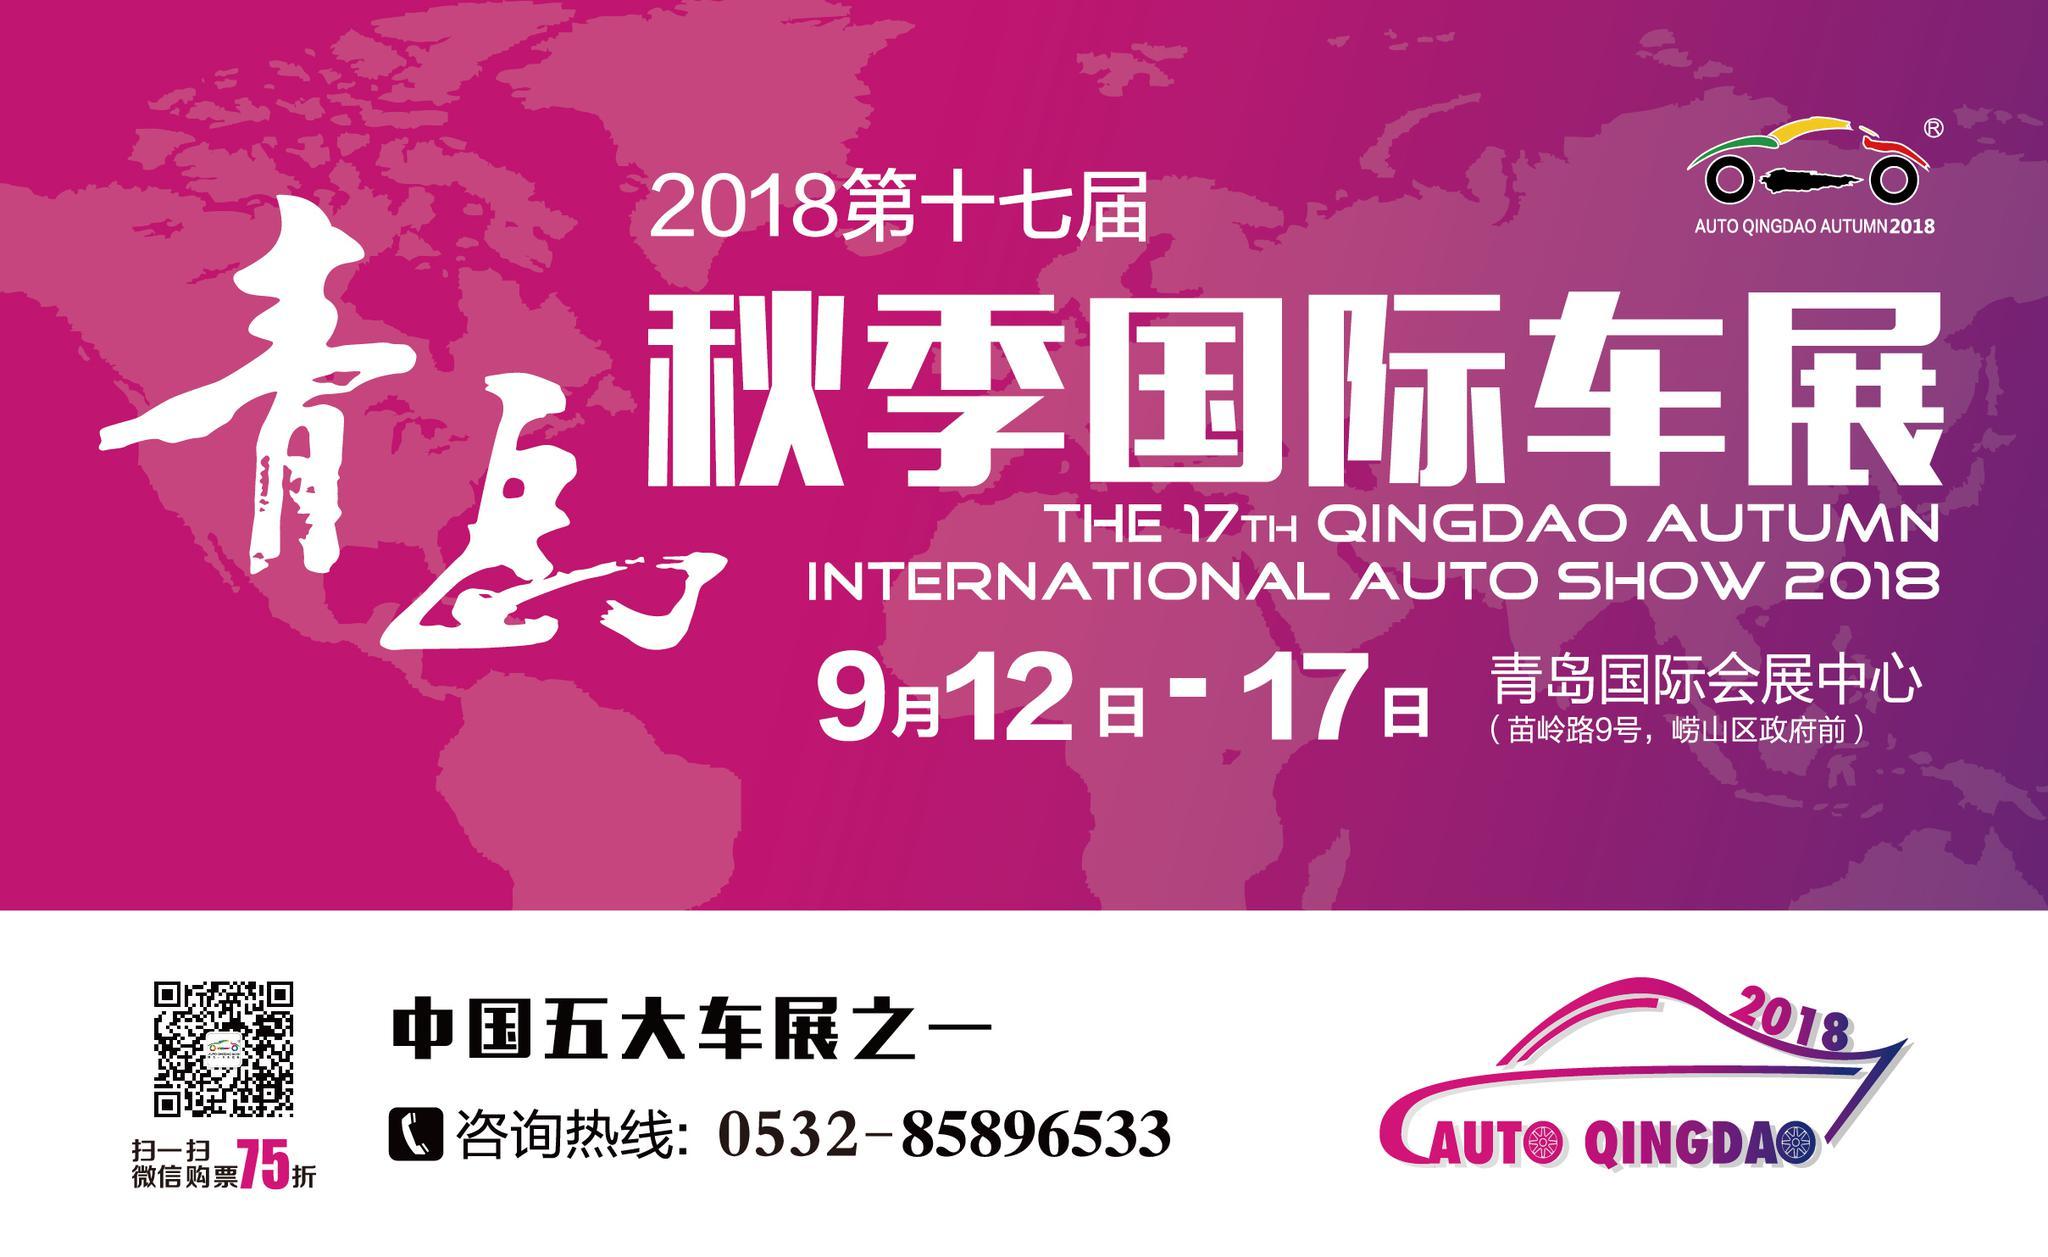 全山东翘首期待的青岛车展9月12日举行